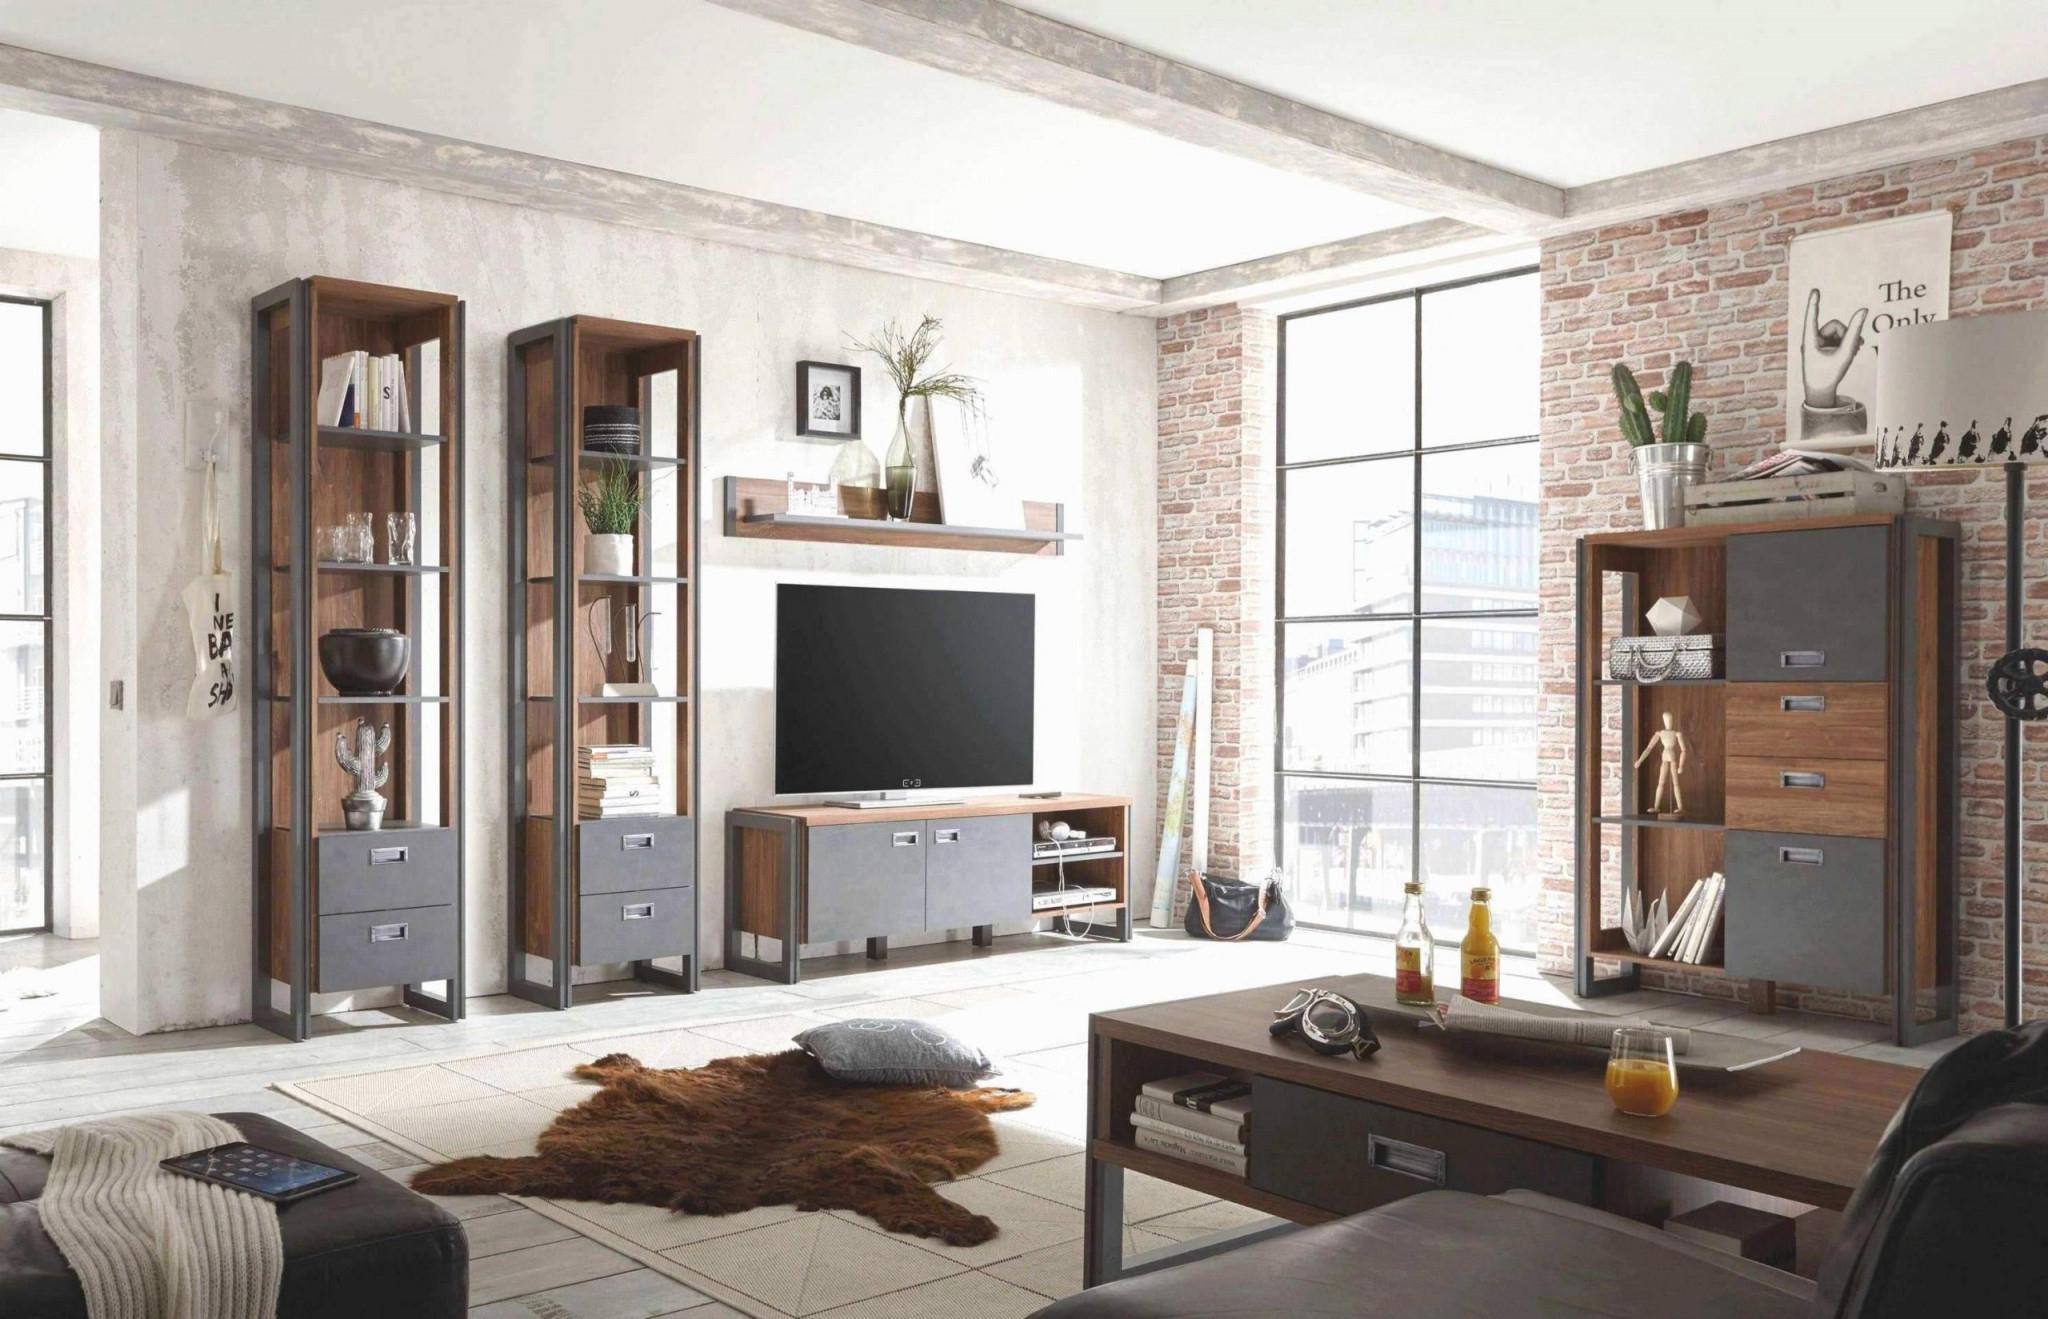 33 Einzigartig Wohnzimmer Altbau Reizend  Wohnzimmer Frisch von Wohnzimmer Ideen Altbau Bild